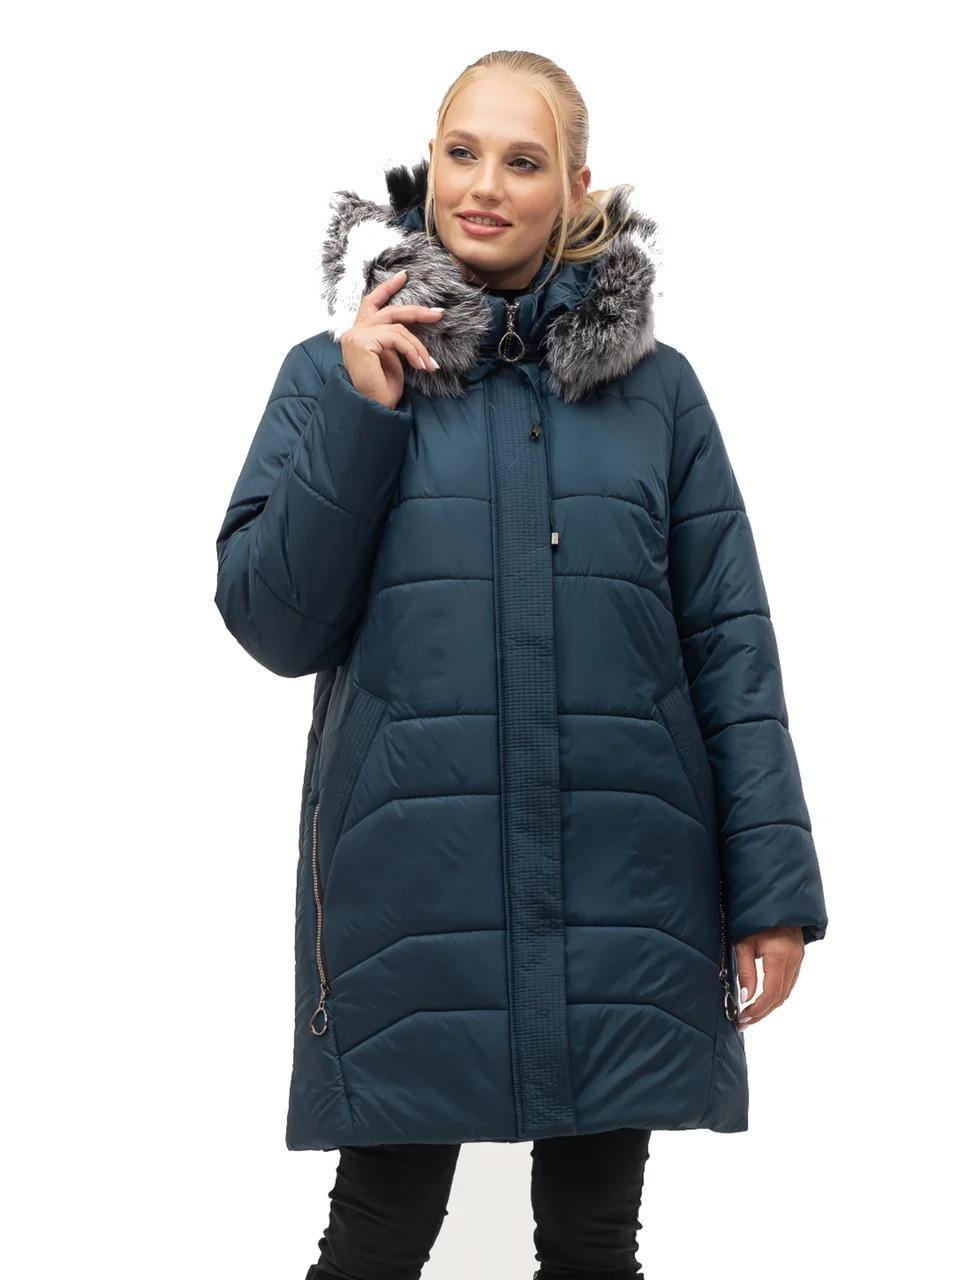 Стильная зимняя женская куртка с натуральным мехом